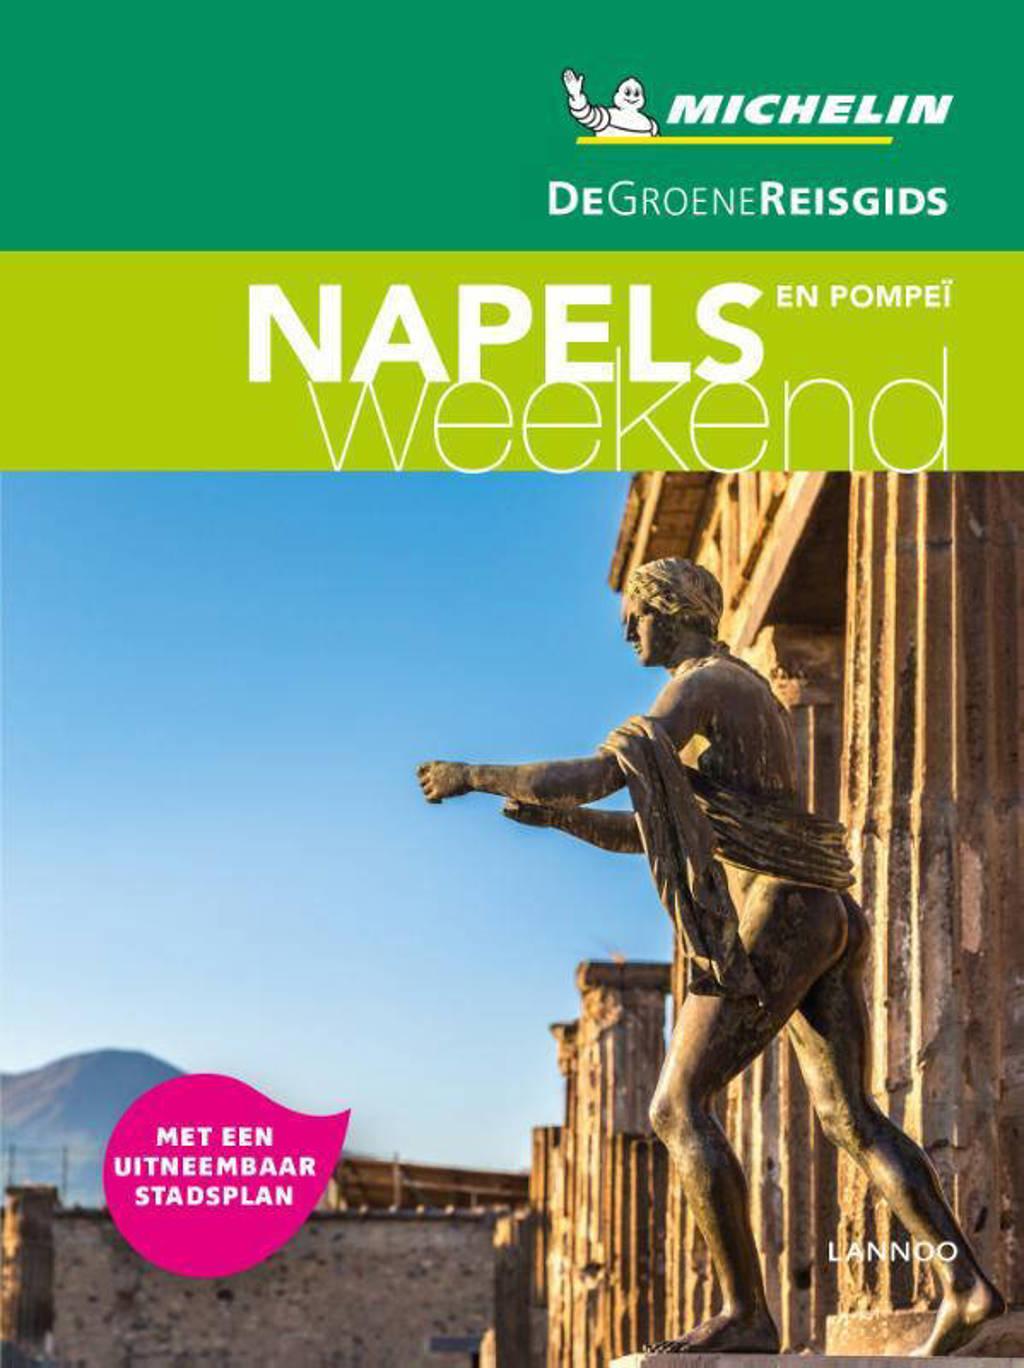 De Groene Reisgids: Napels en Pompei weekend